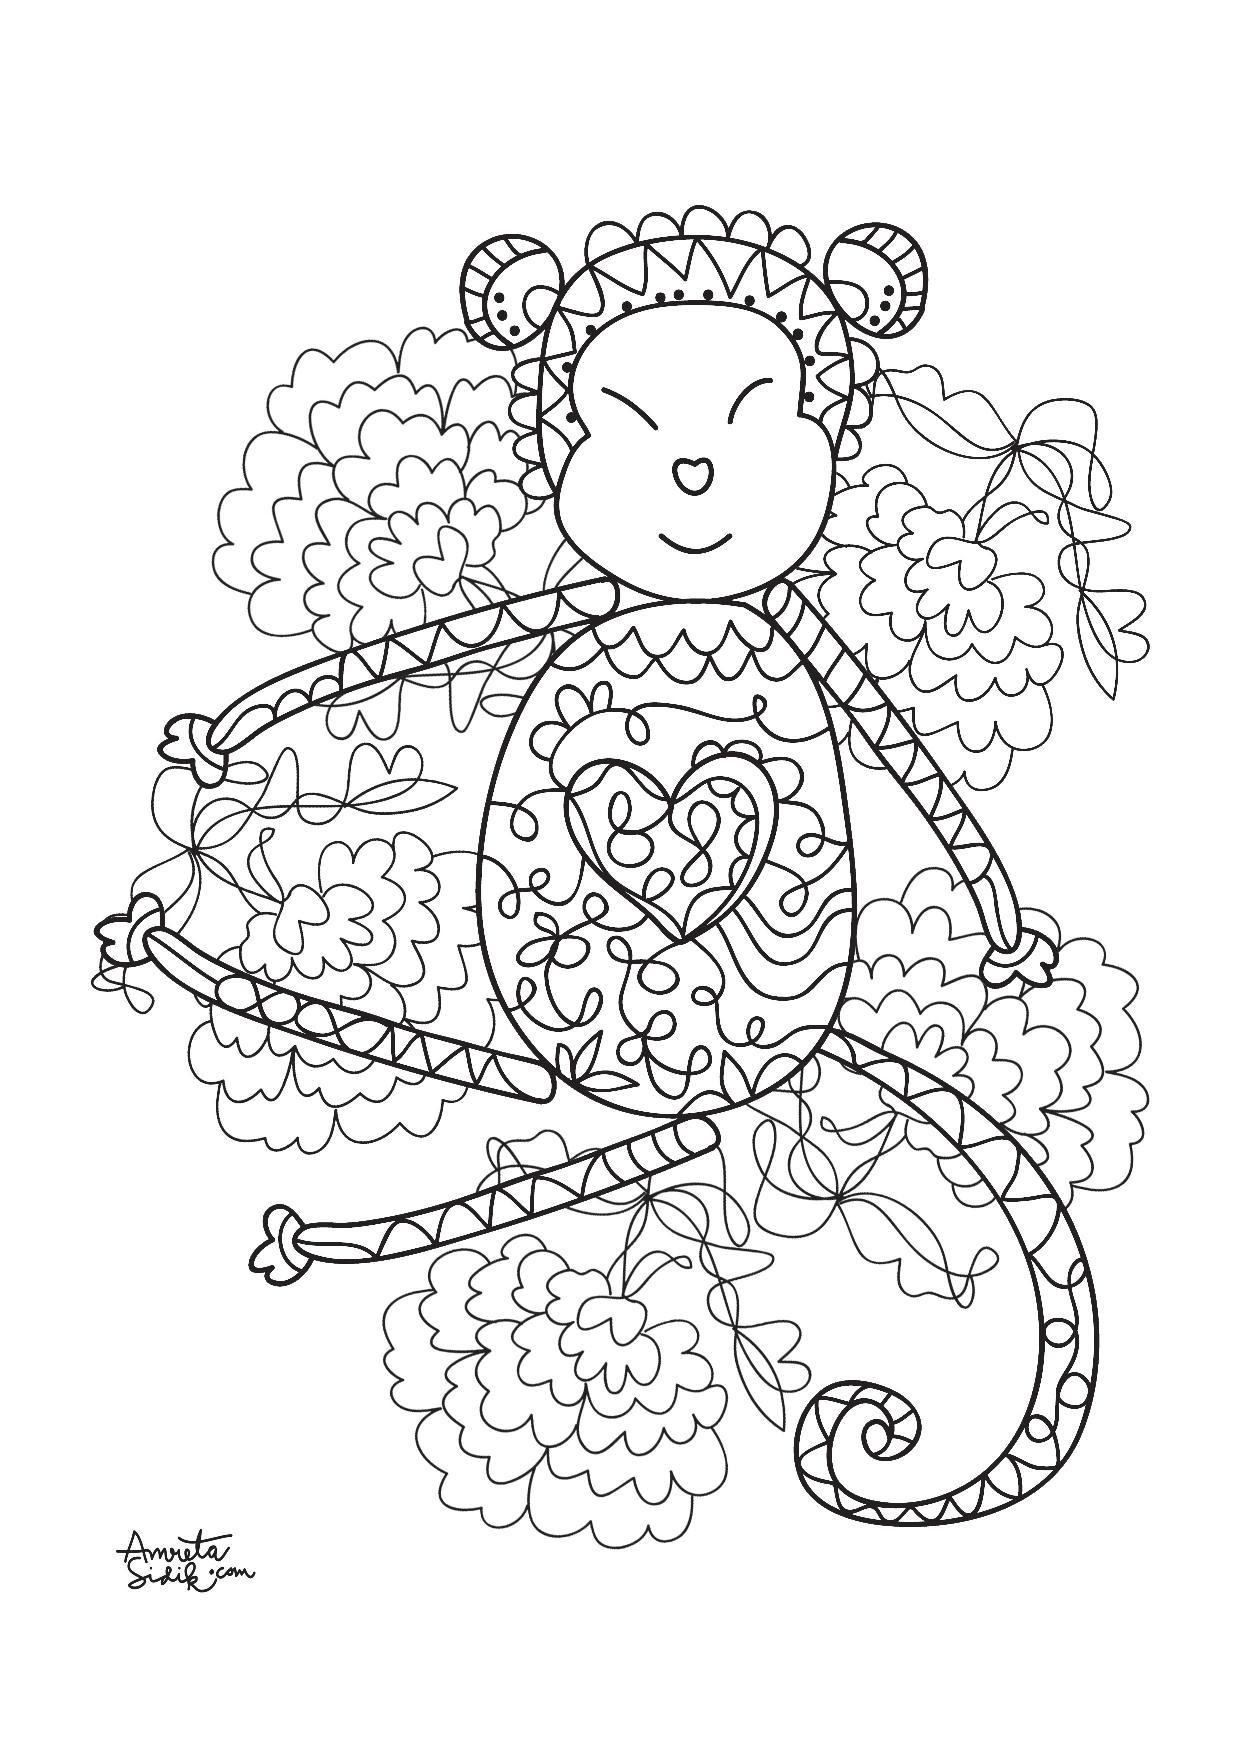 Disegni da colorare per adulti : Anti-stress / Zen - 129